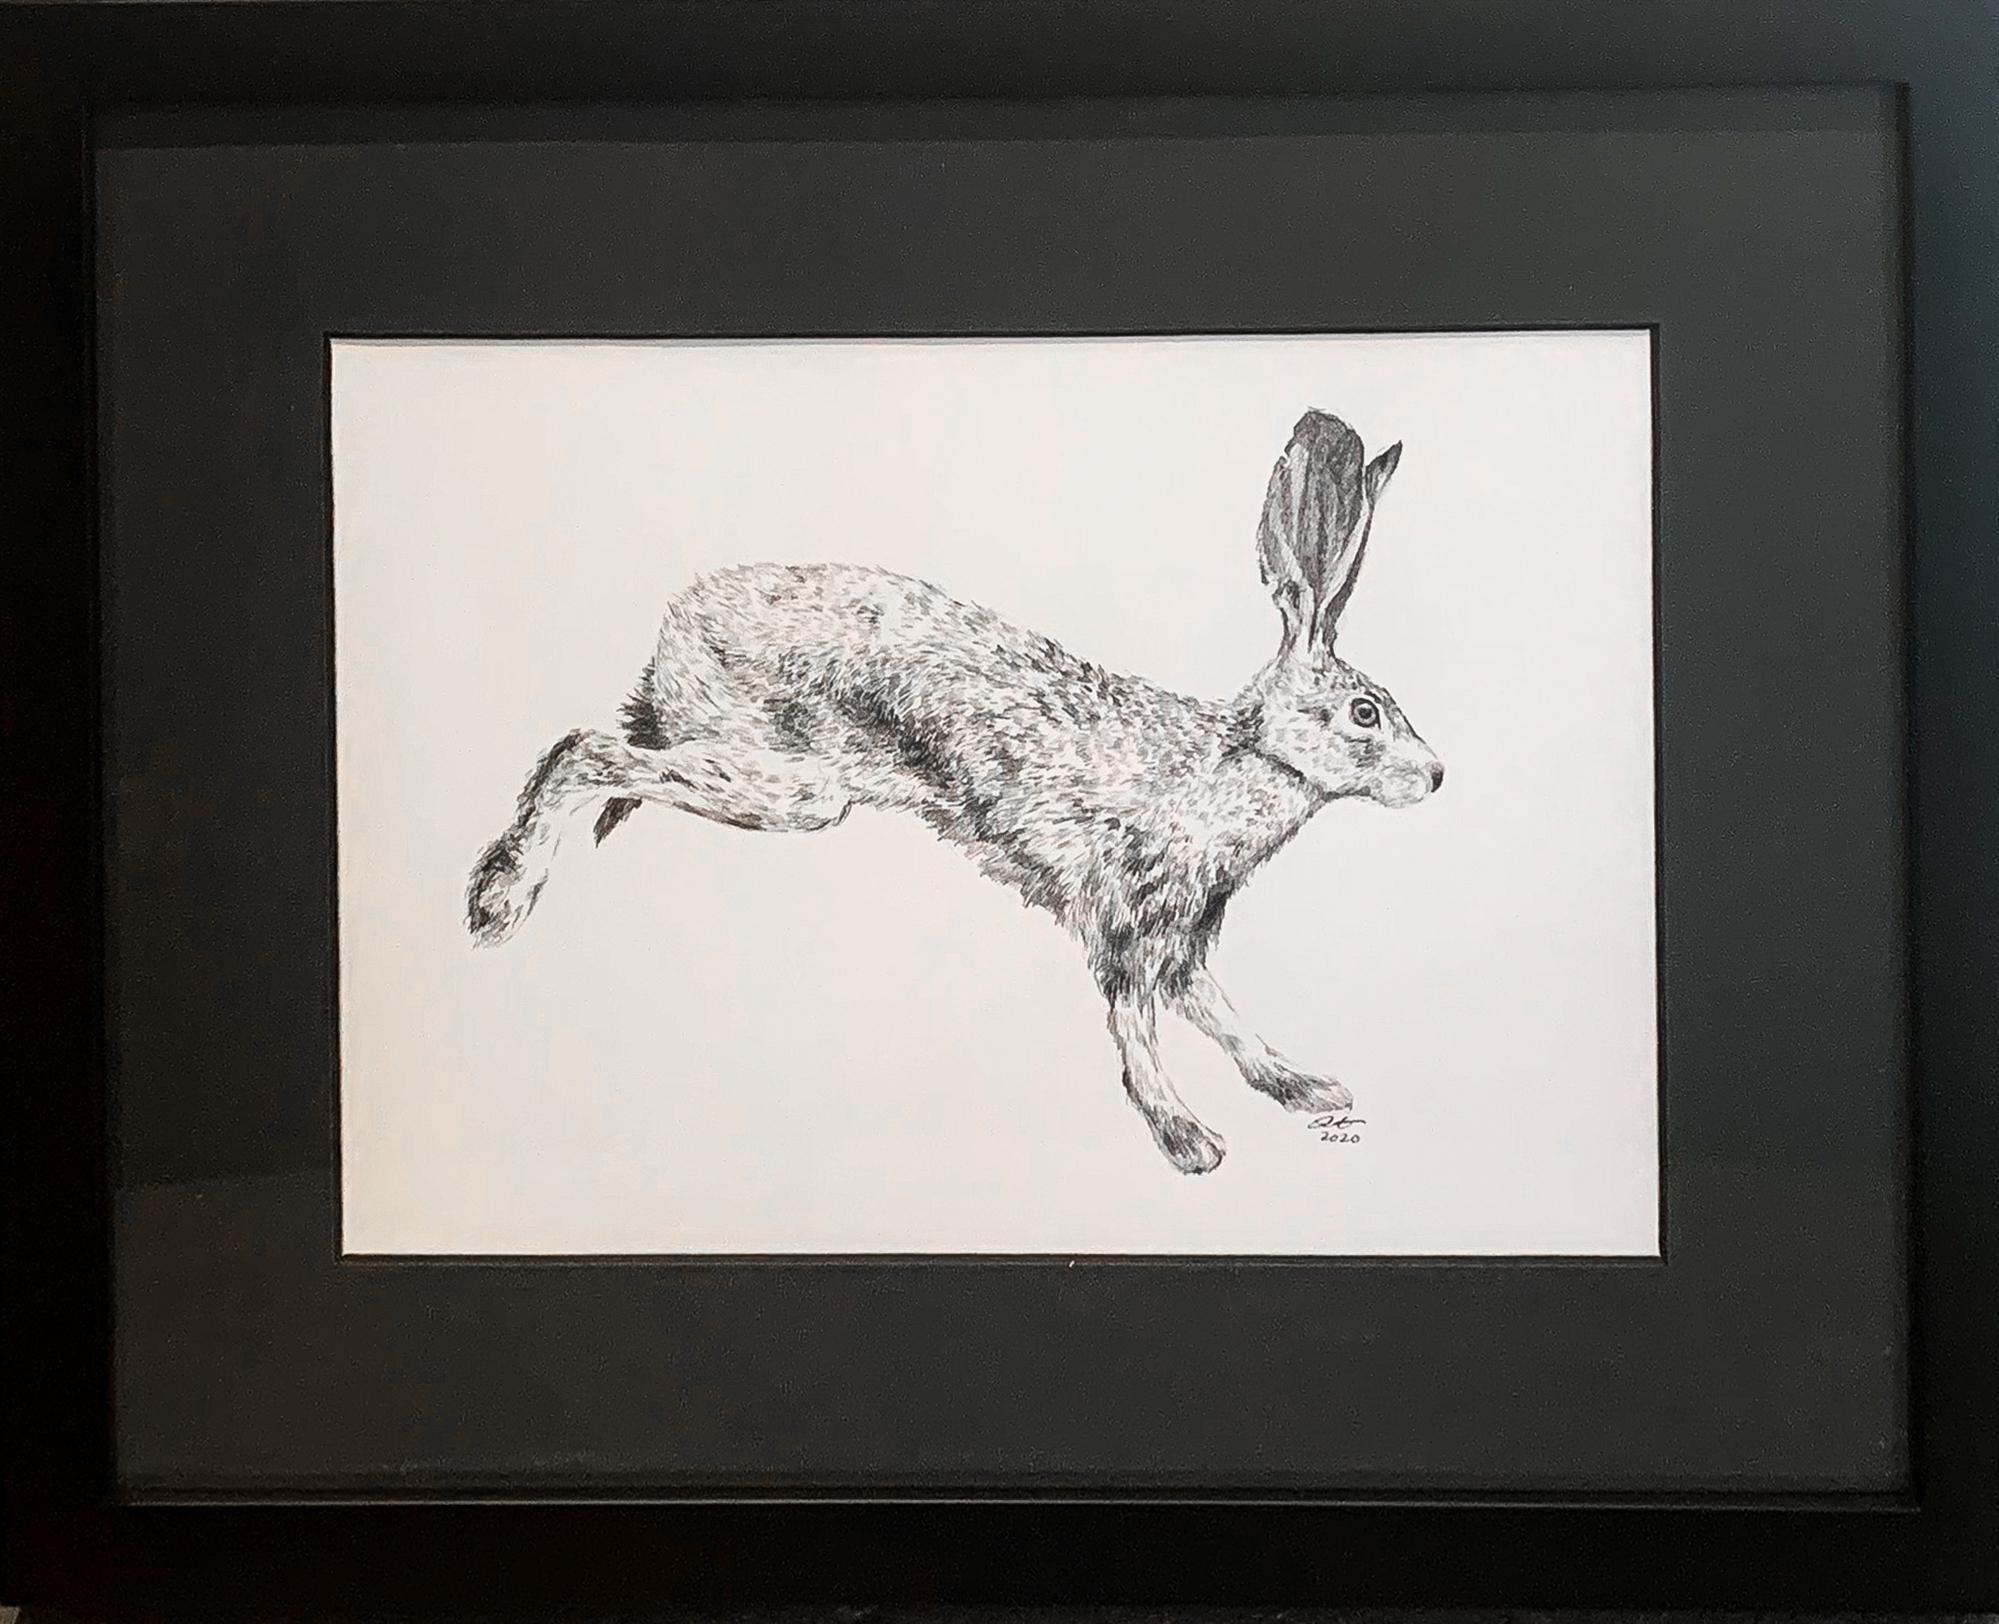 Running Hare by Jill Hakala